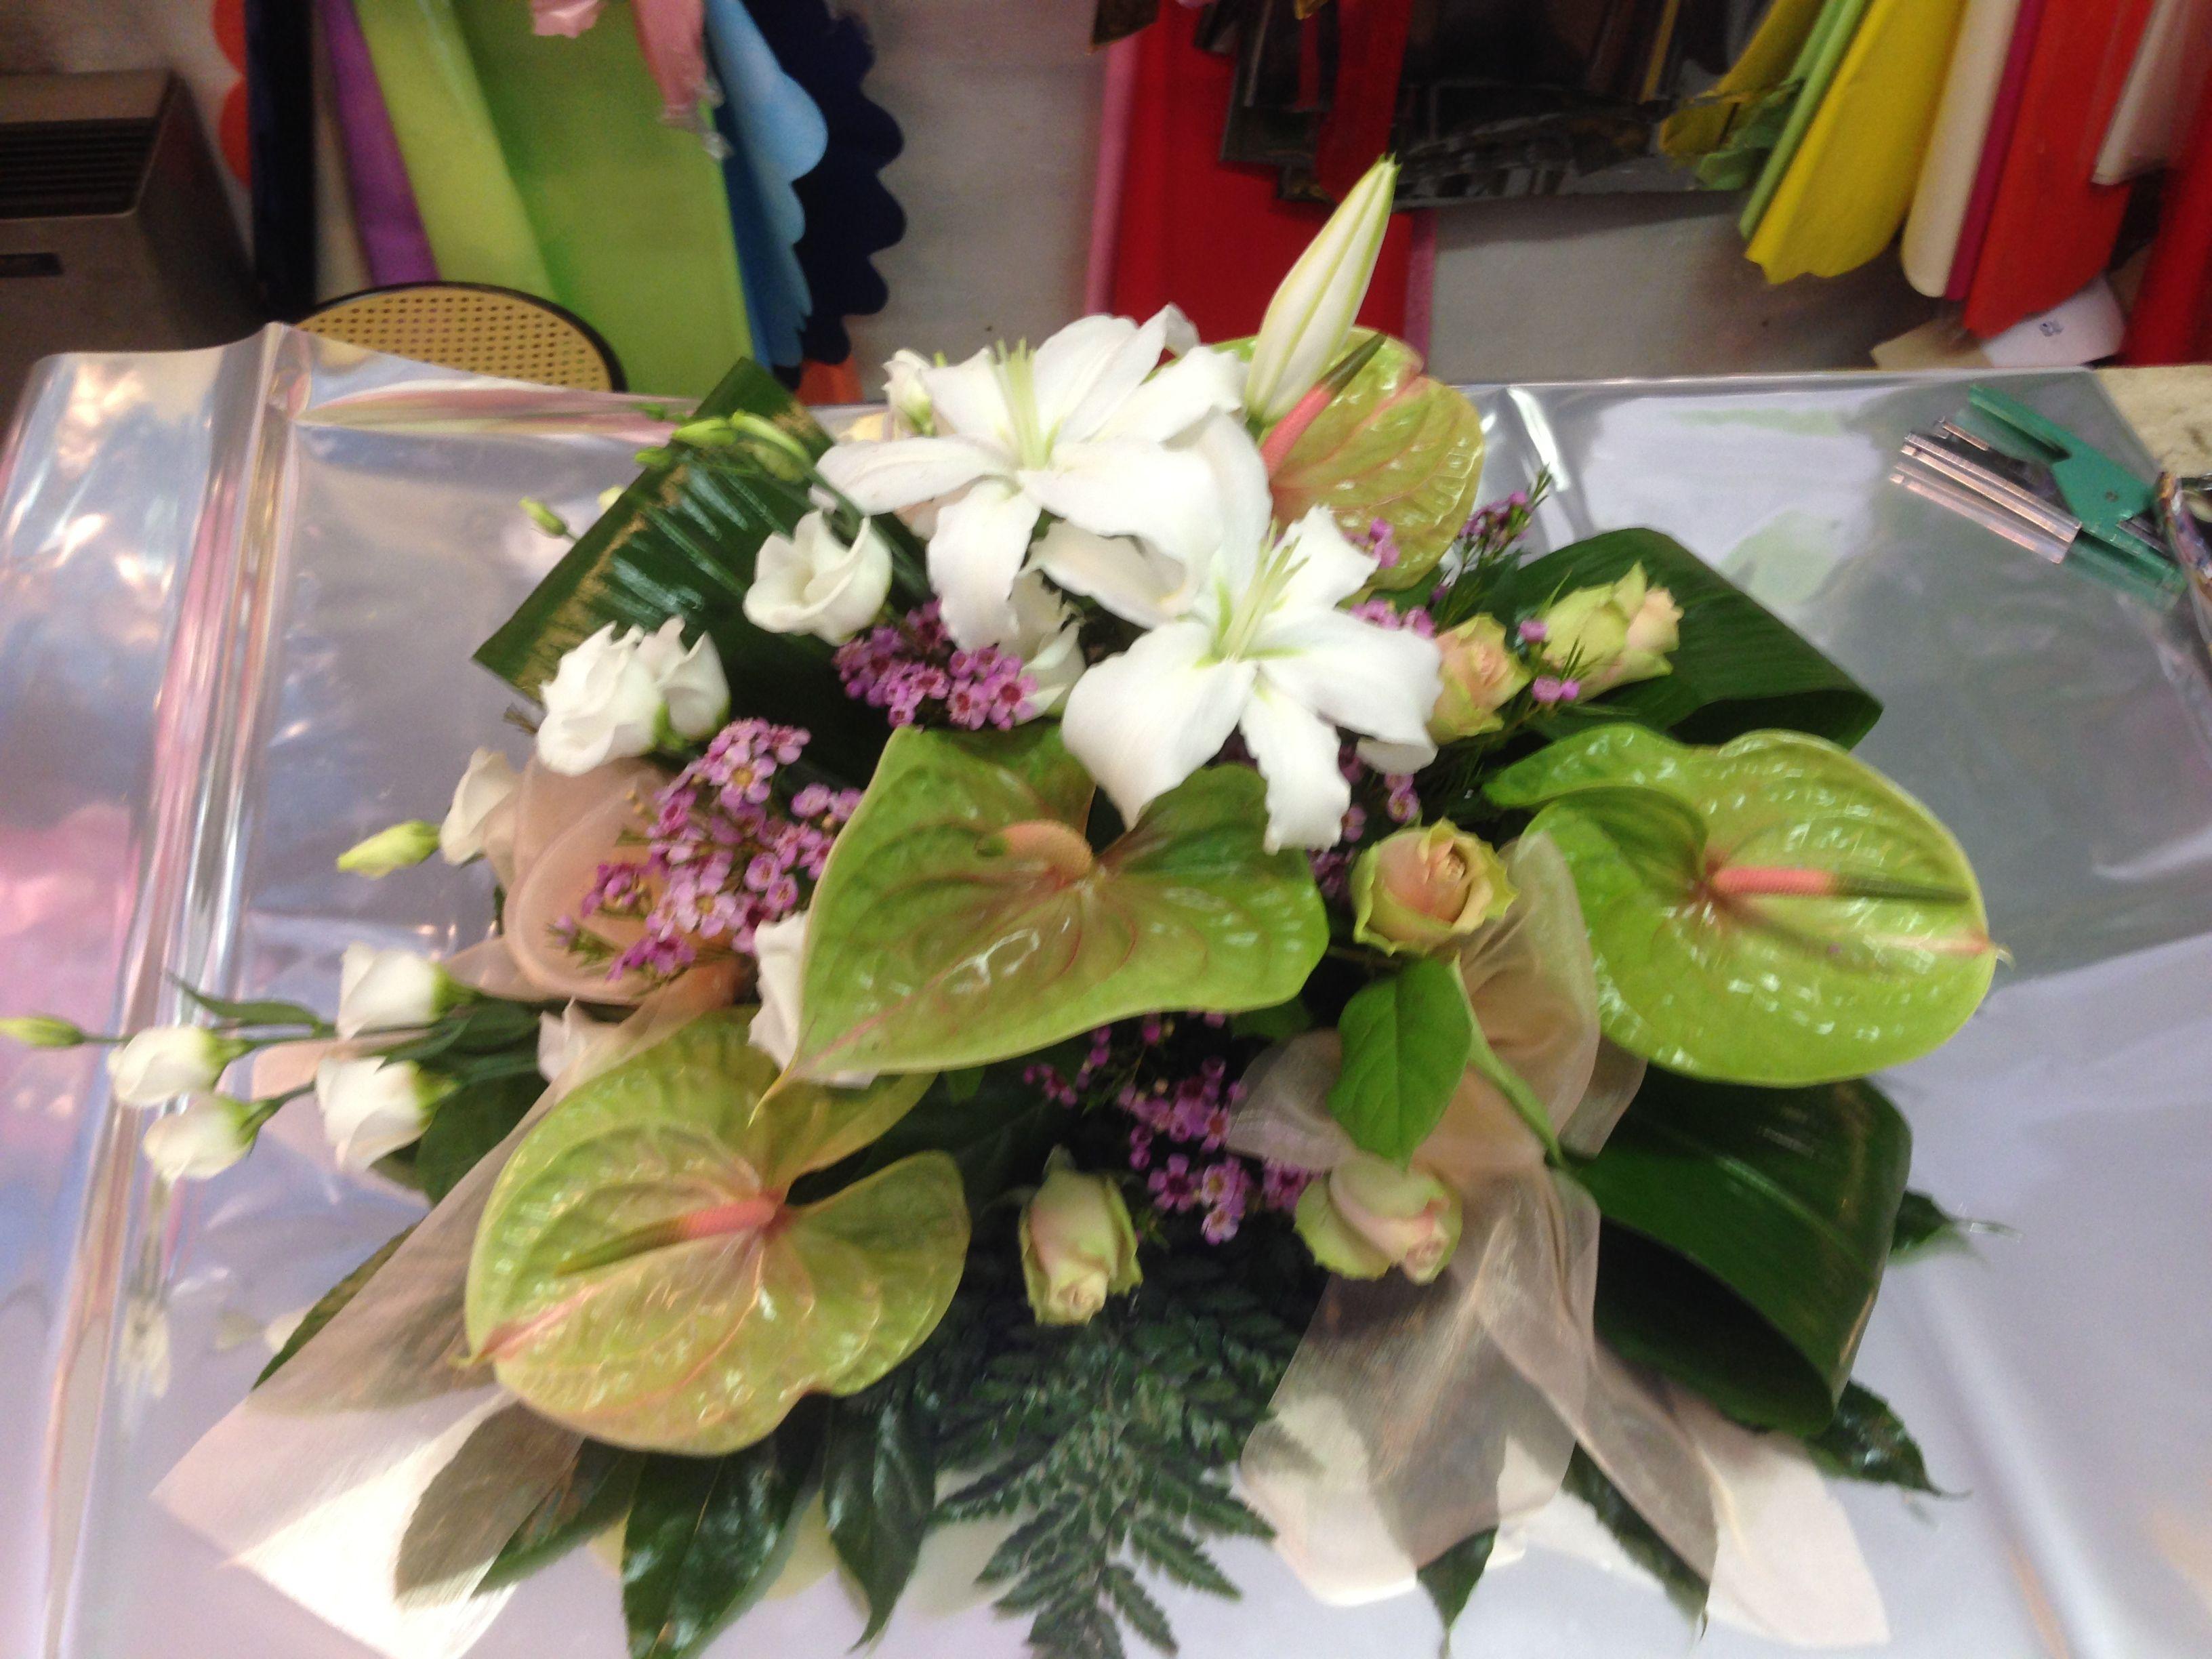 Idee per abbellire la casa con centritavola di fiori for Abbellire casa